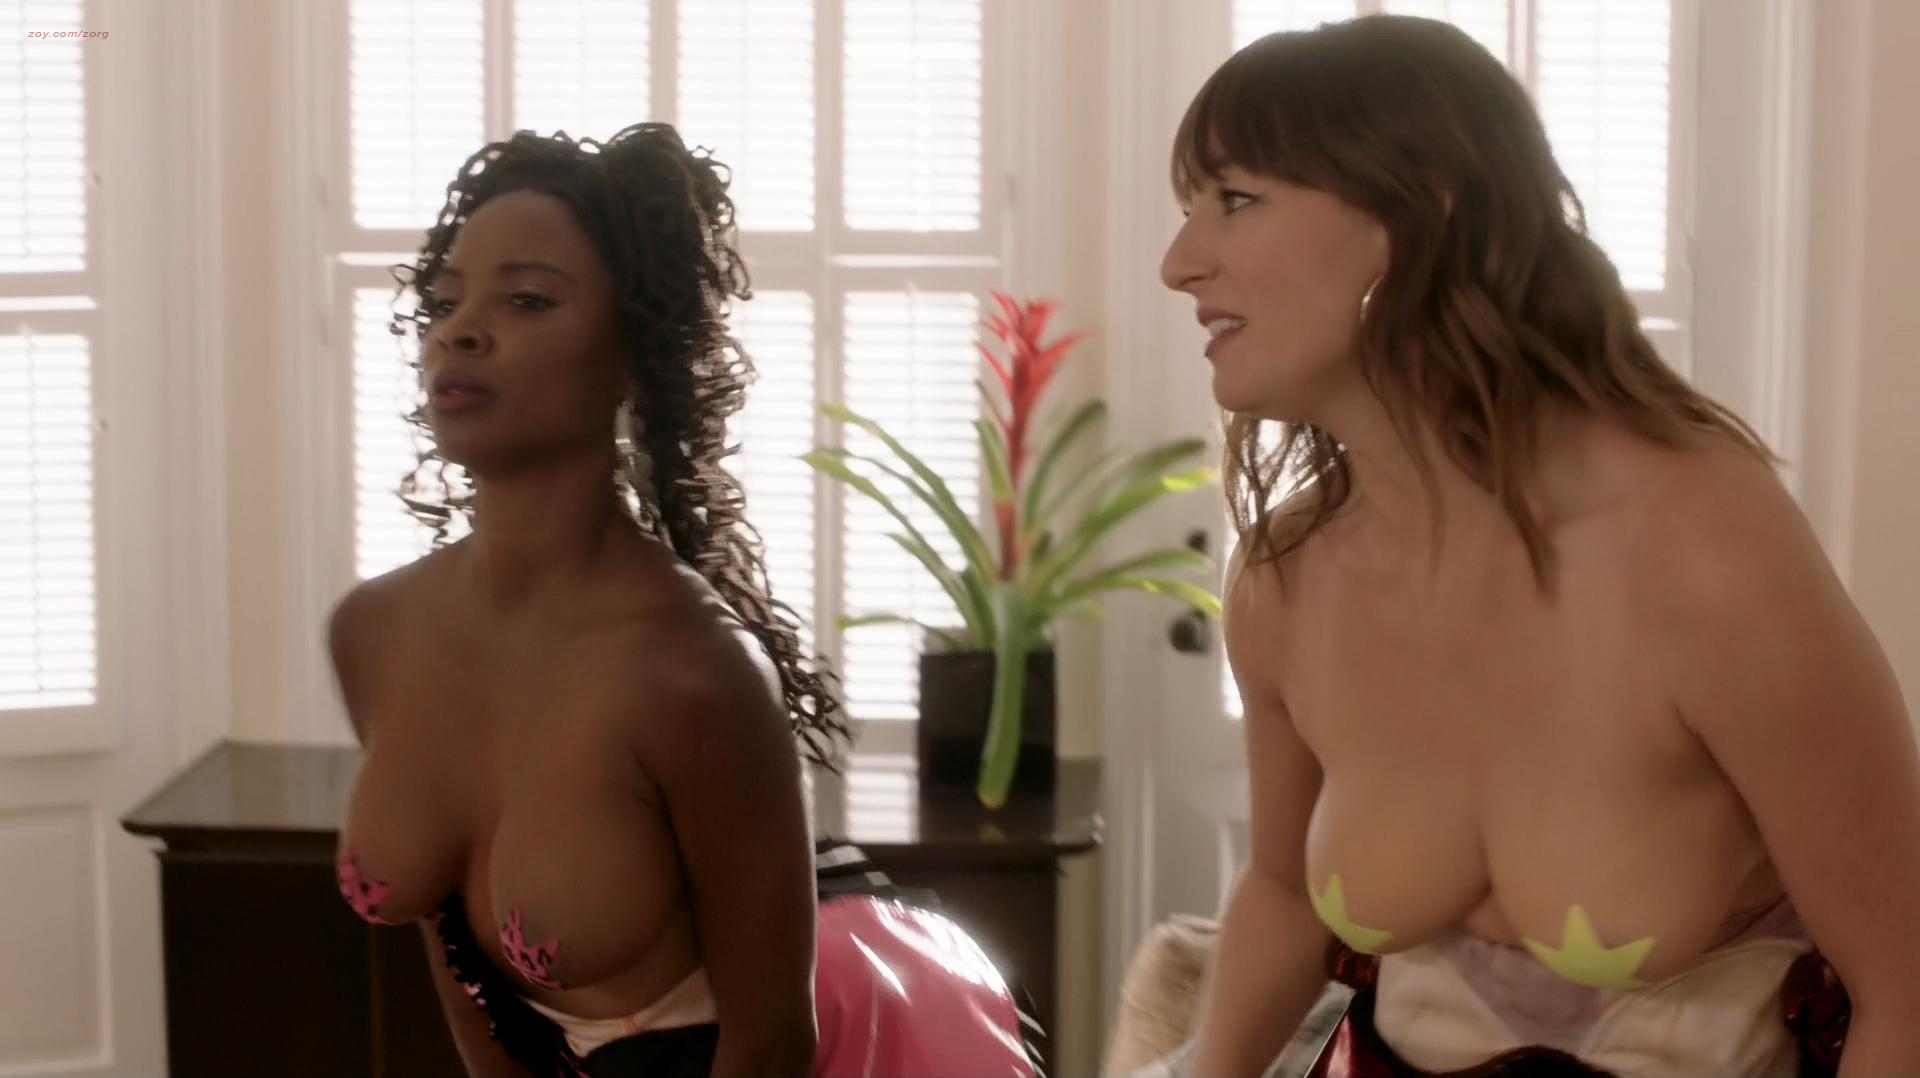 Alyssa Leblanc Nude arden myrin on shameless - sandra hinojosa nude topless